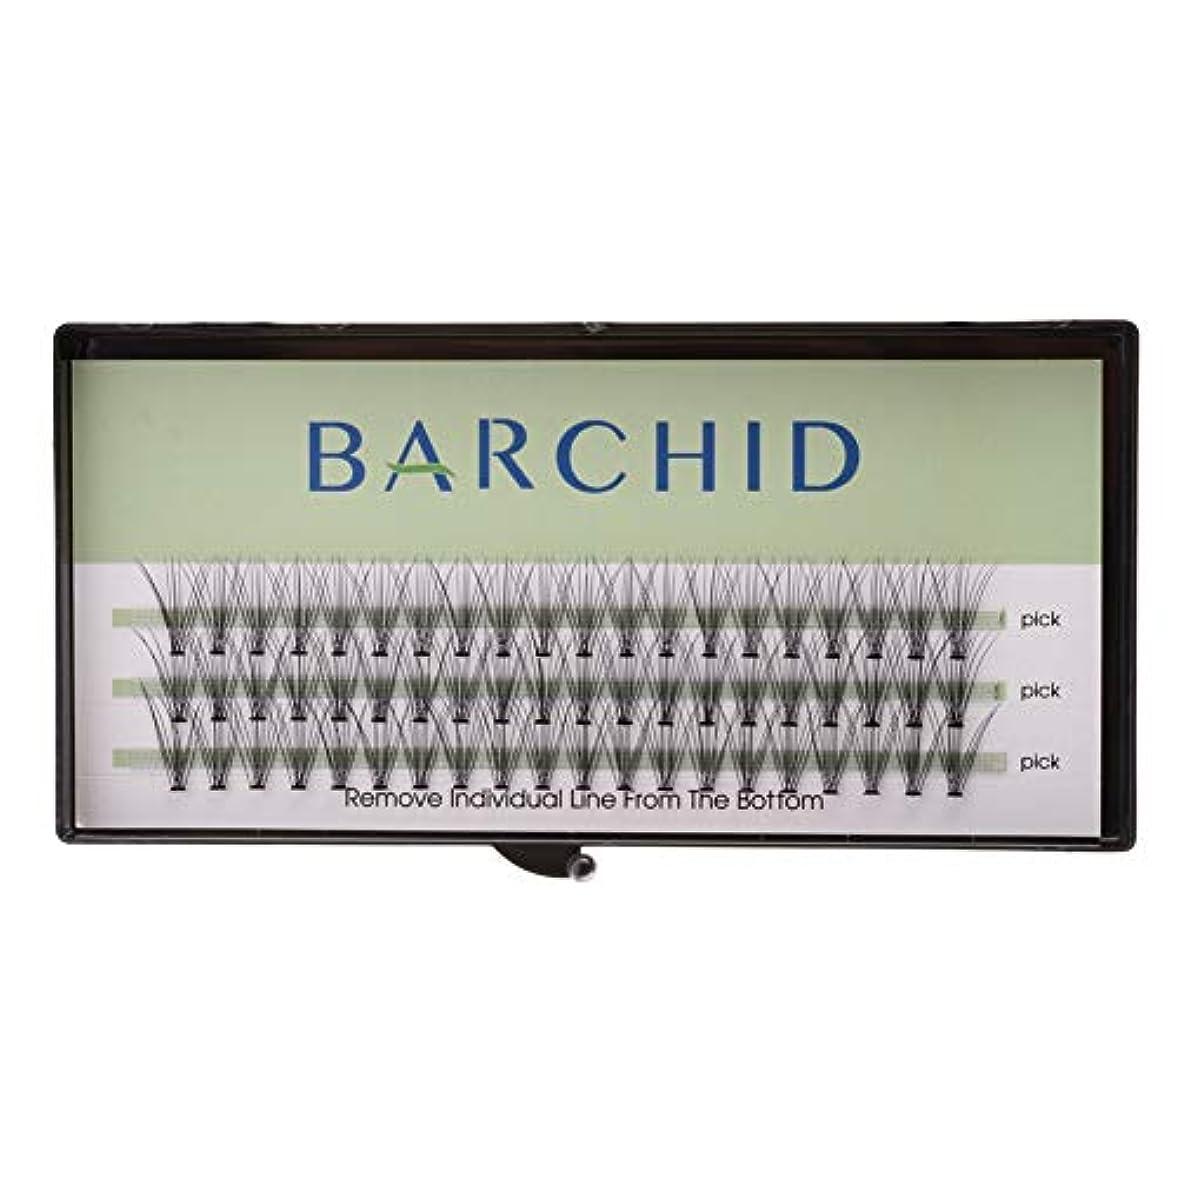 僕の生じる合体BARCHID つけまつげ ナチュラルつけまつげ高品質 まつげエクステ フレアセルフ用 超極細素材 太さ0.07mm 12mm Cカール マツエク10本束セルフマツエク キット